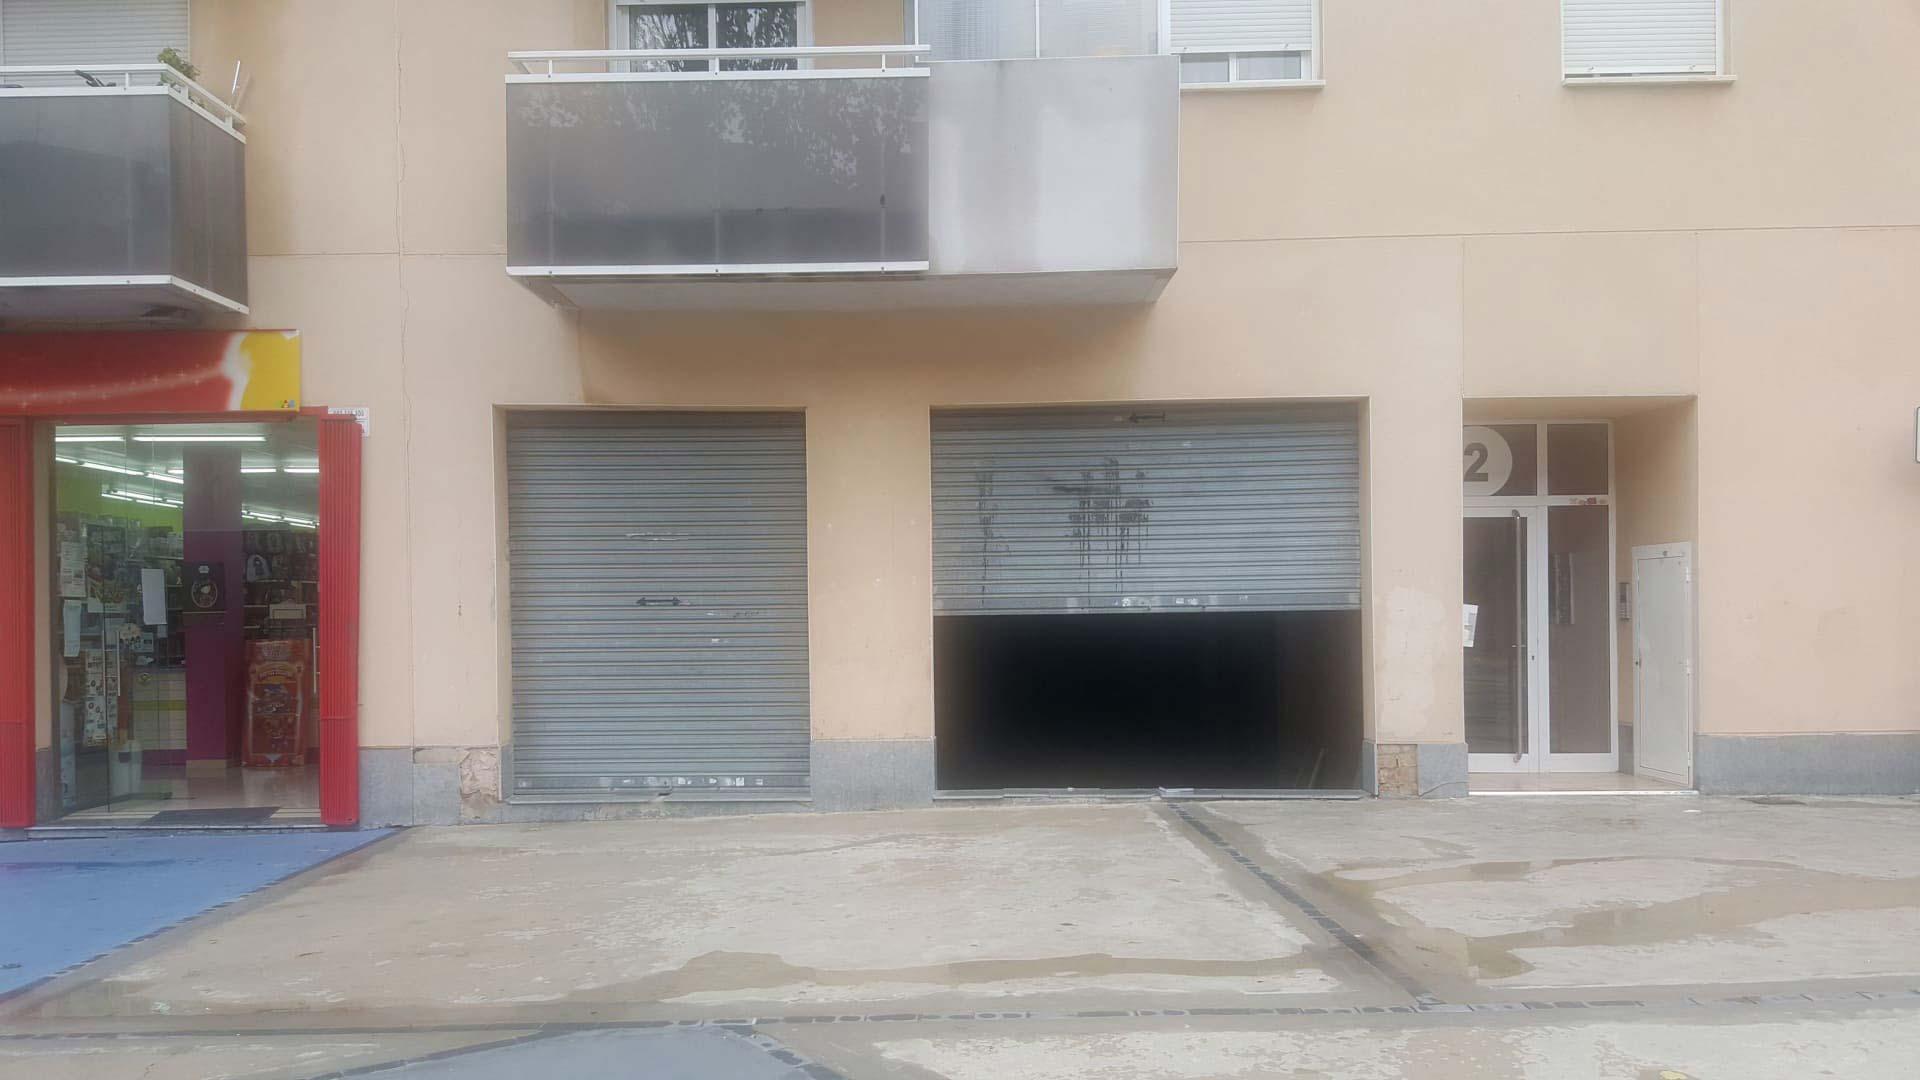 Local en venta en La Plana, Vila-seca, Tarragona, Plaza Miquel Marti I Pol, 163.255 €, 184 m2